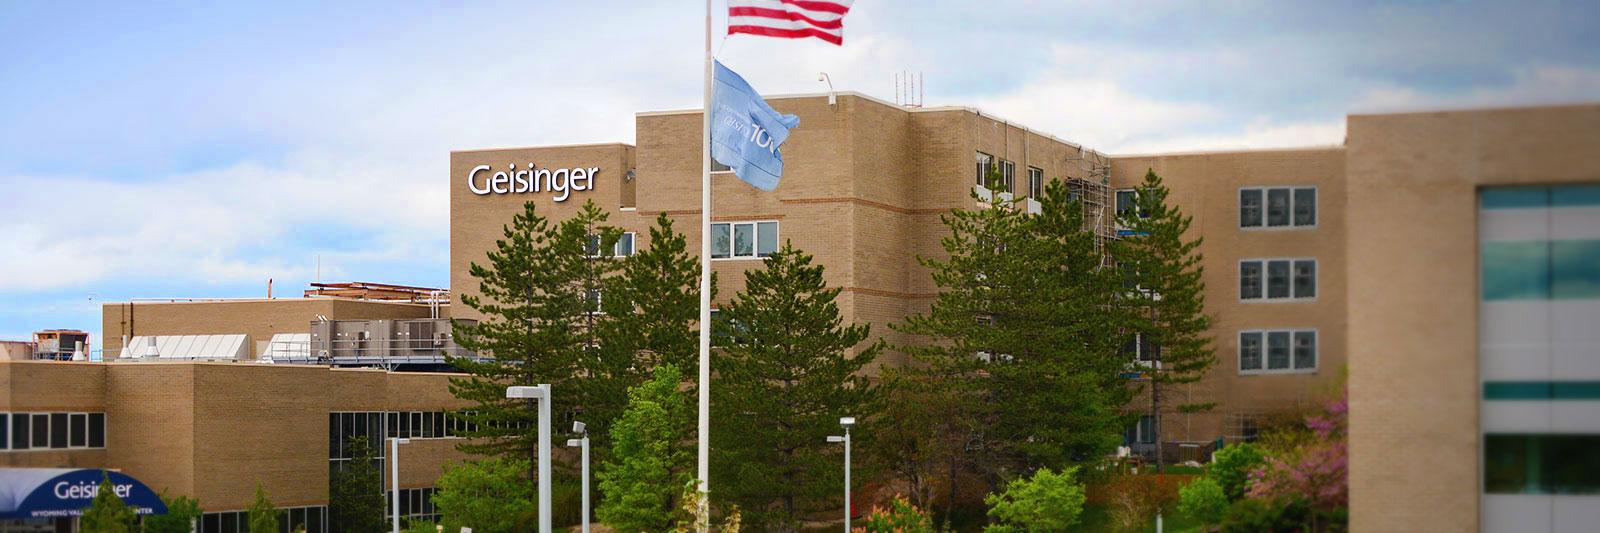 Geisinger Hospital Wilkes Barre Emergency Room